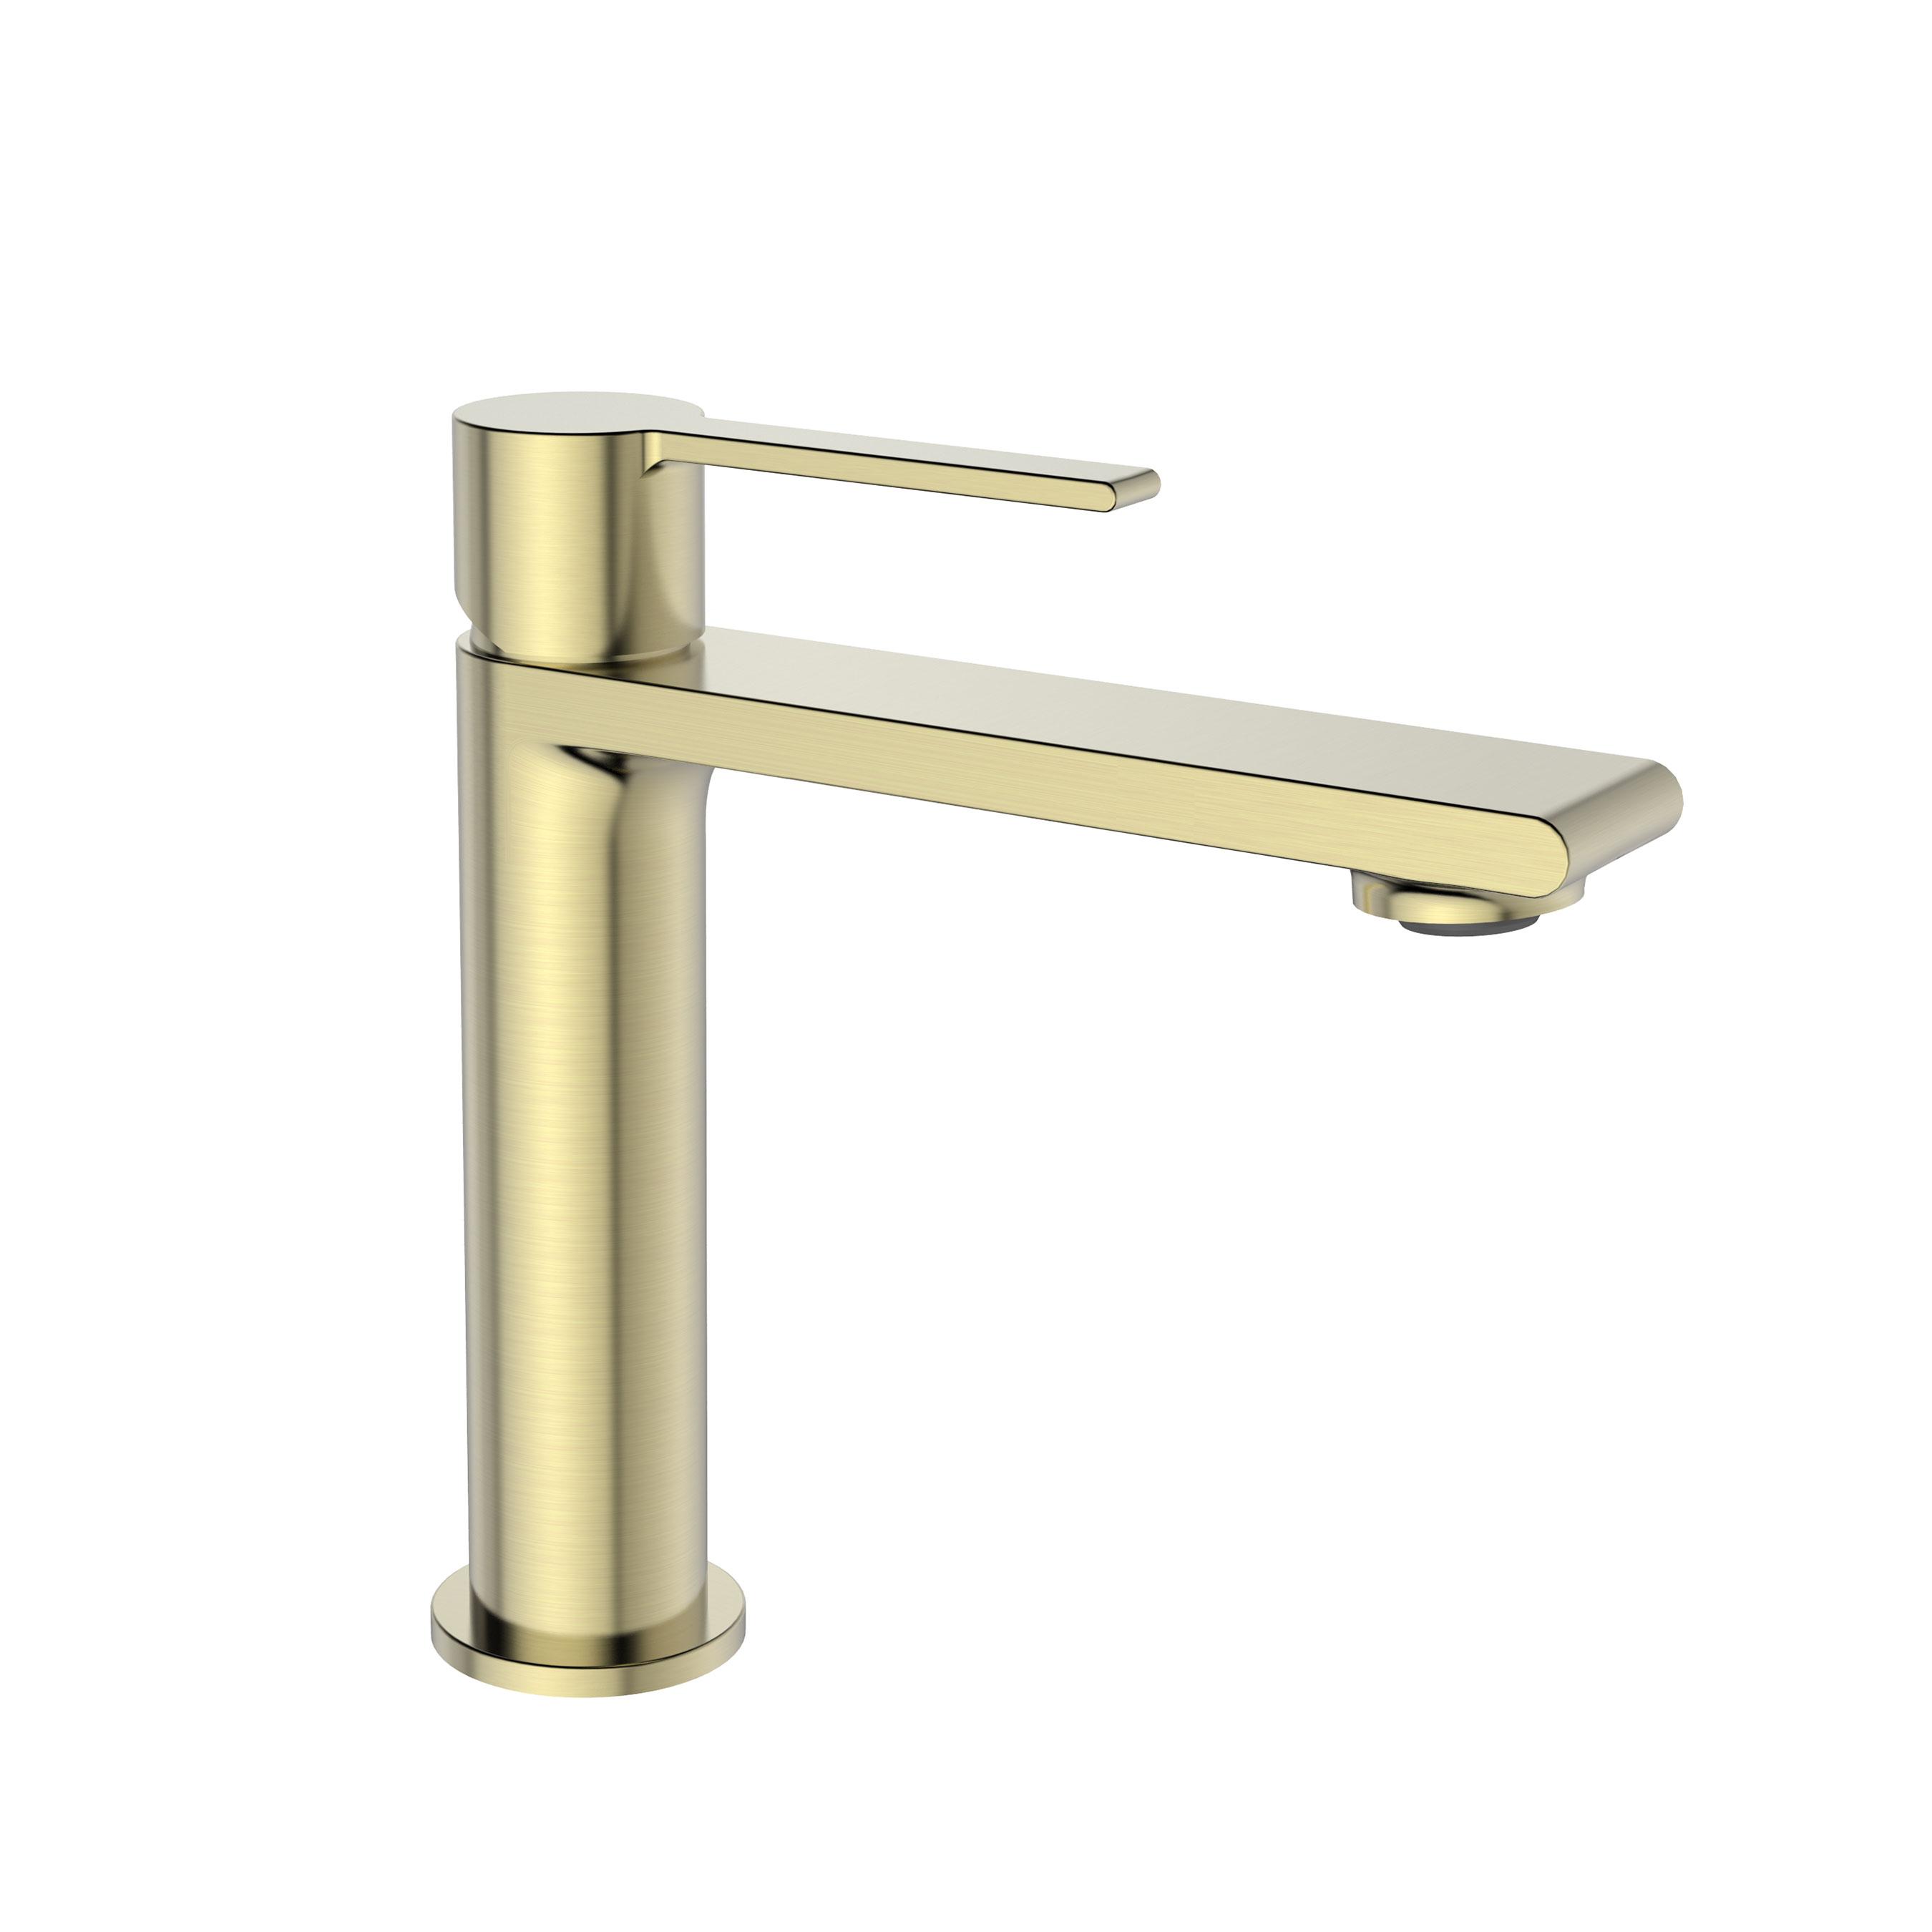 Tvättställsblandare Bathlife Dagg